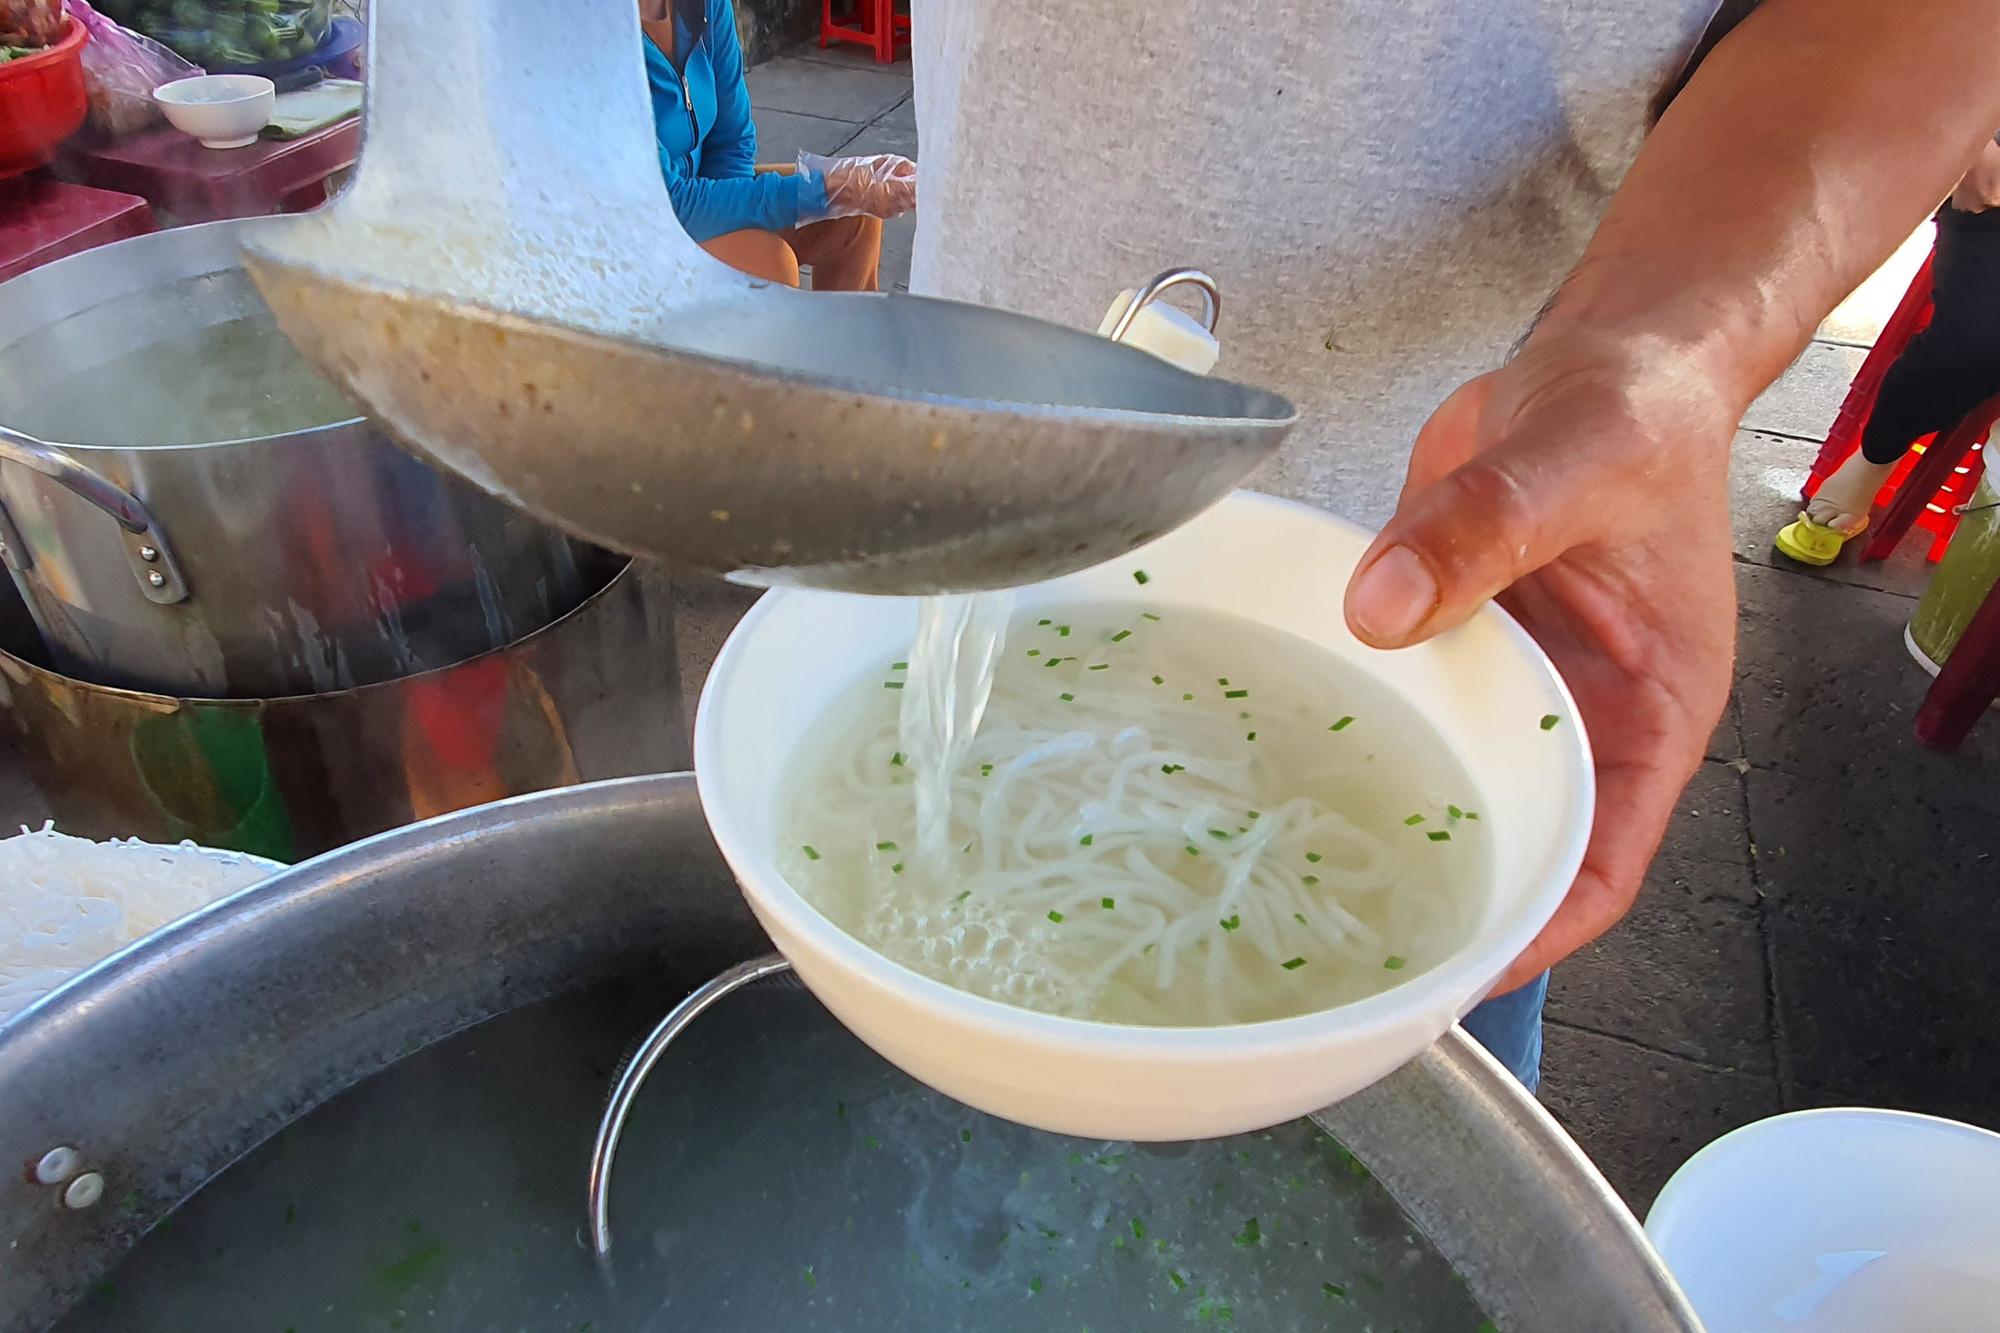 Món bánh canh ngon trứ danh ở Phú Yên, thực khách vừa ăn vừa xuýt xoa - Ảnh 5.